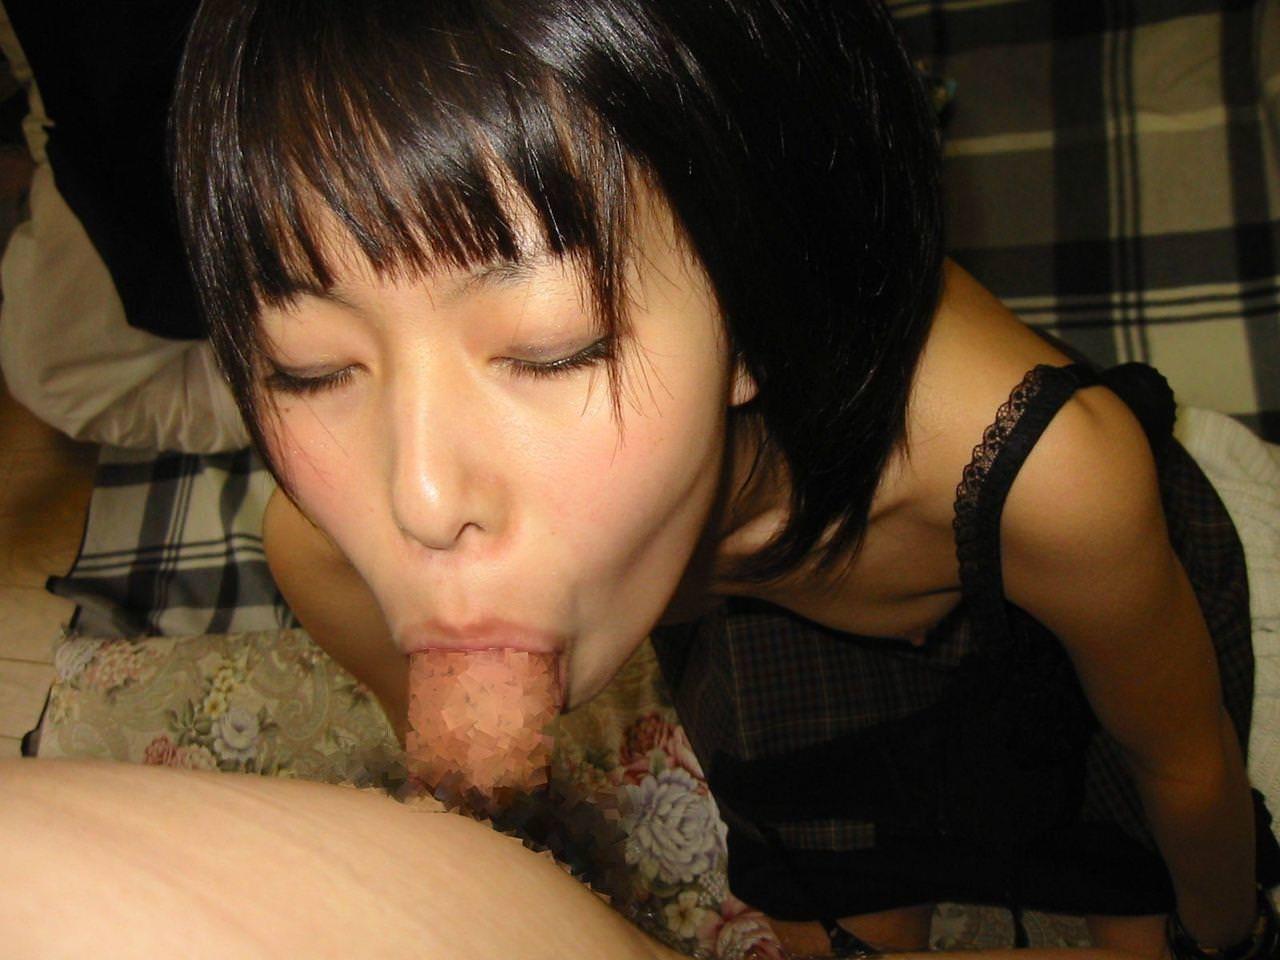 清純な女の子のウブなフェラ顔 10